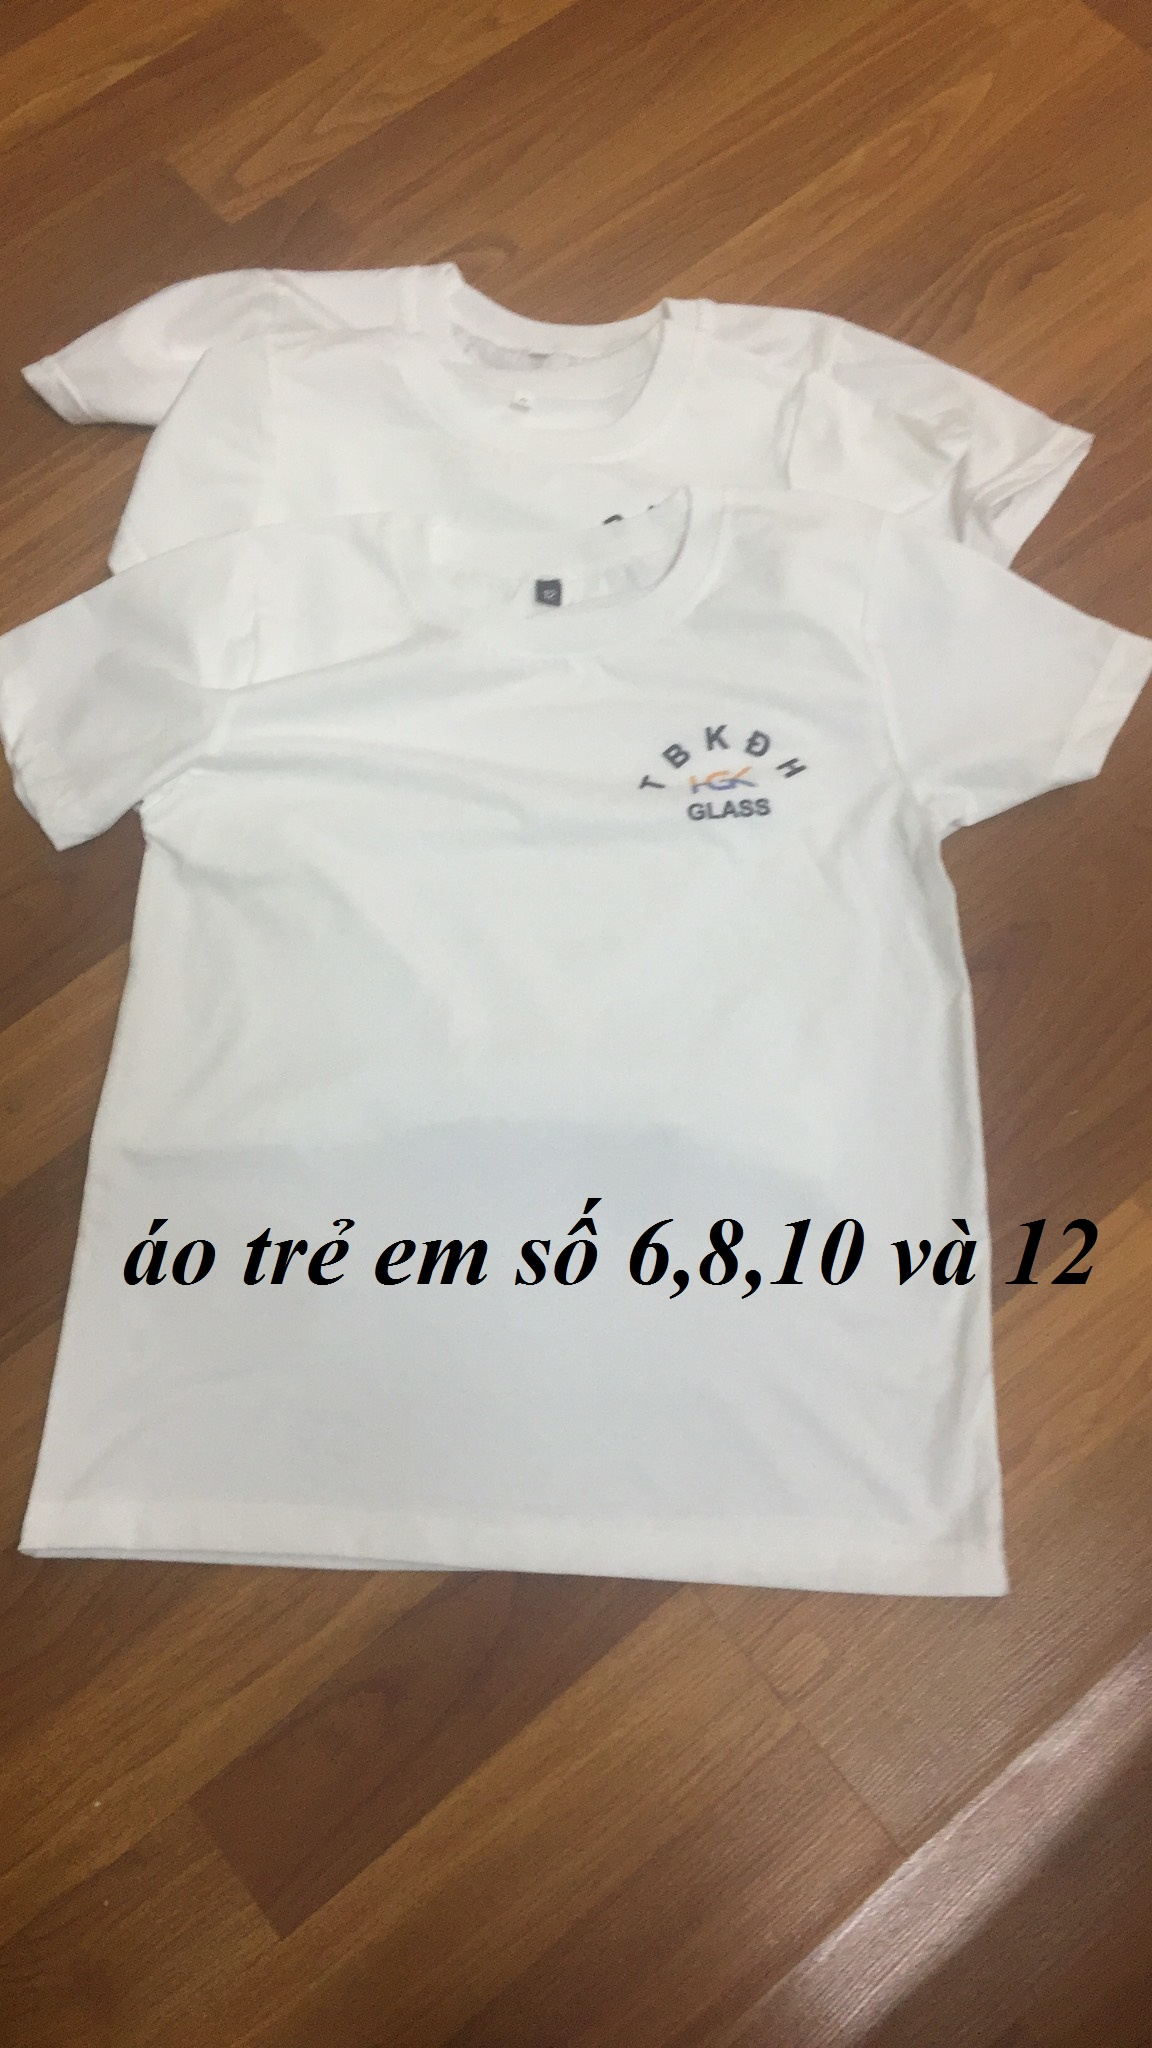 3ae4a883fd7f06215f6e.jpg